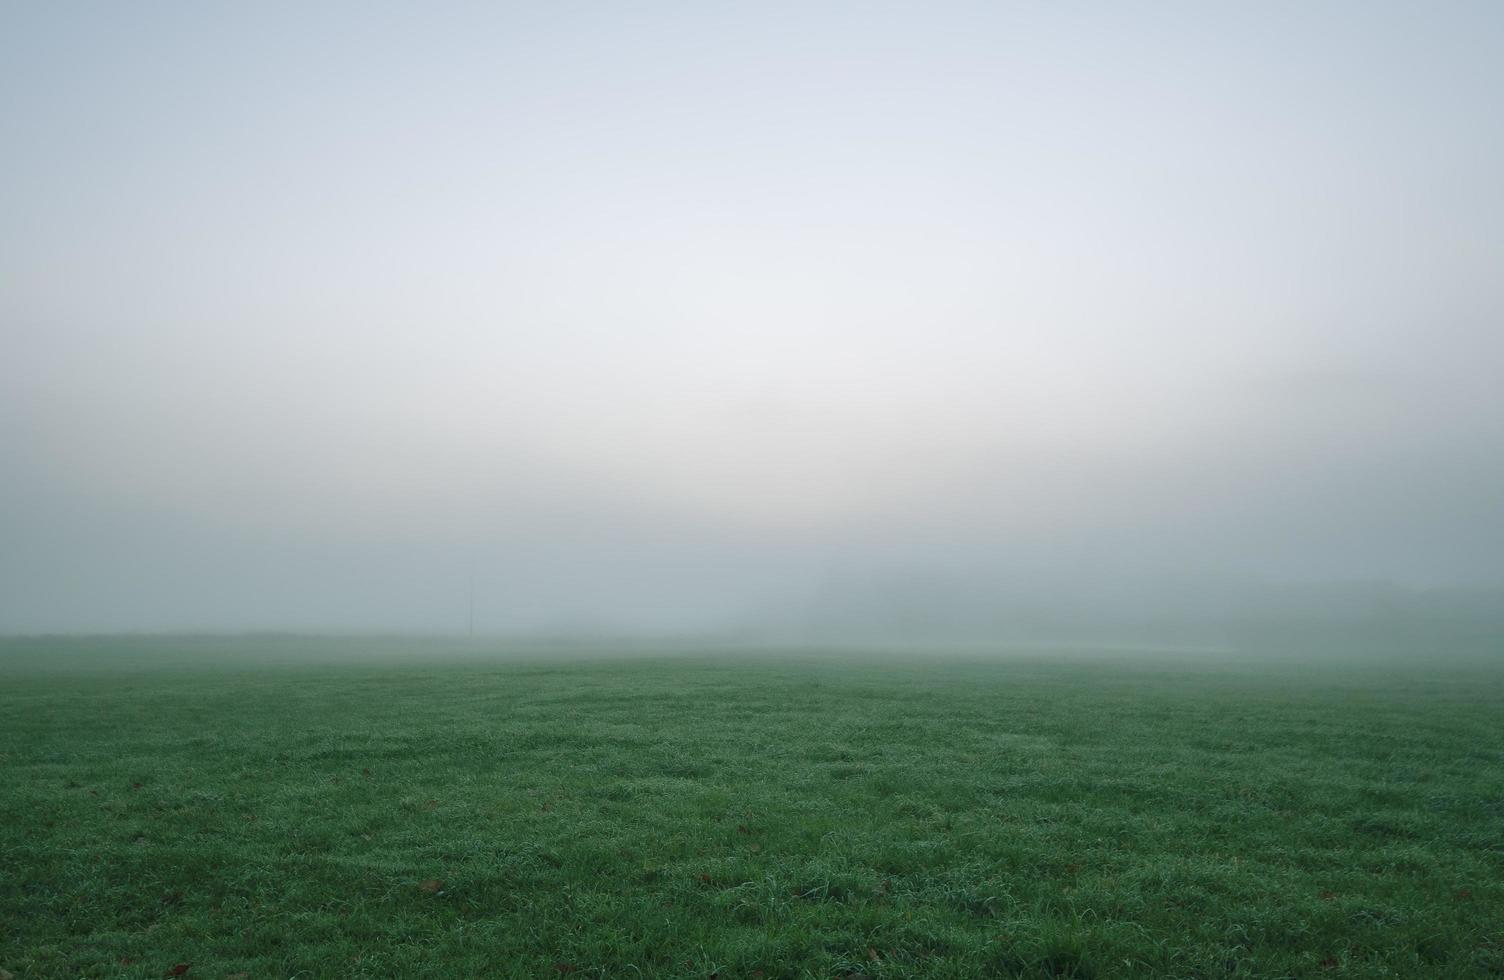 campo erboso verde nebbioso foto